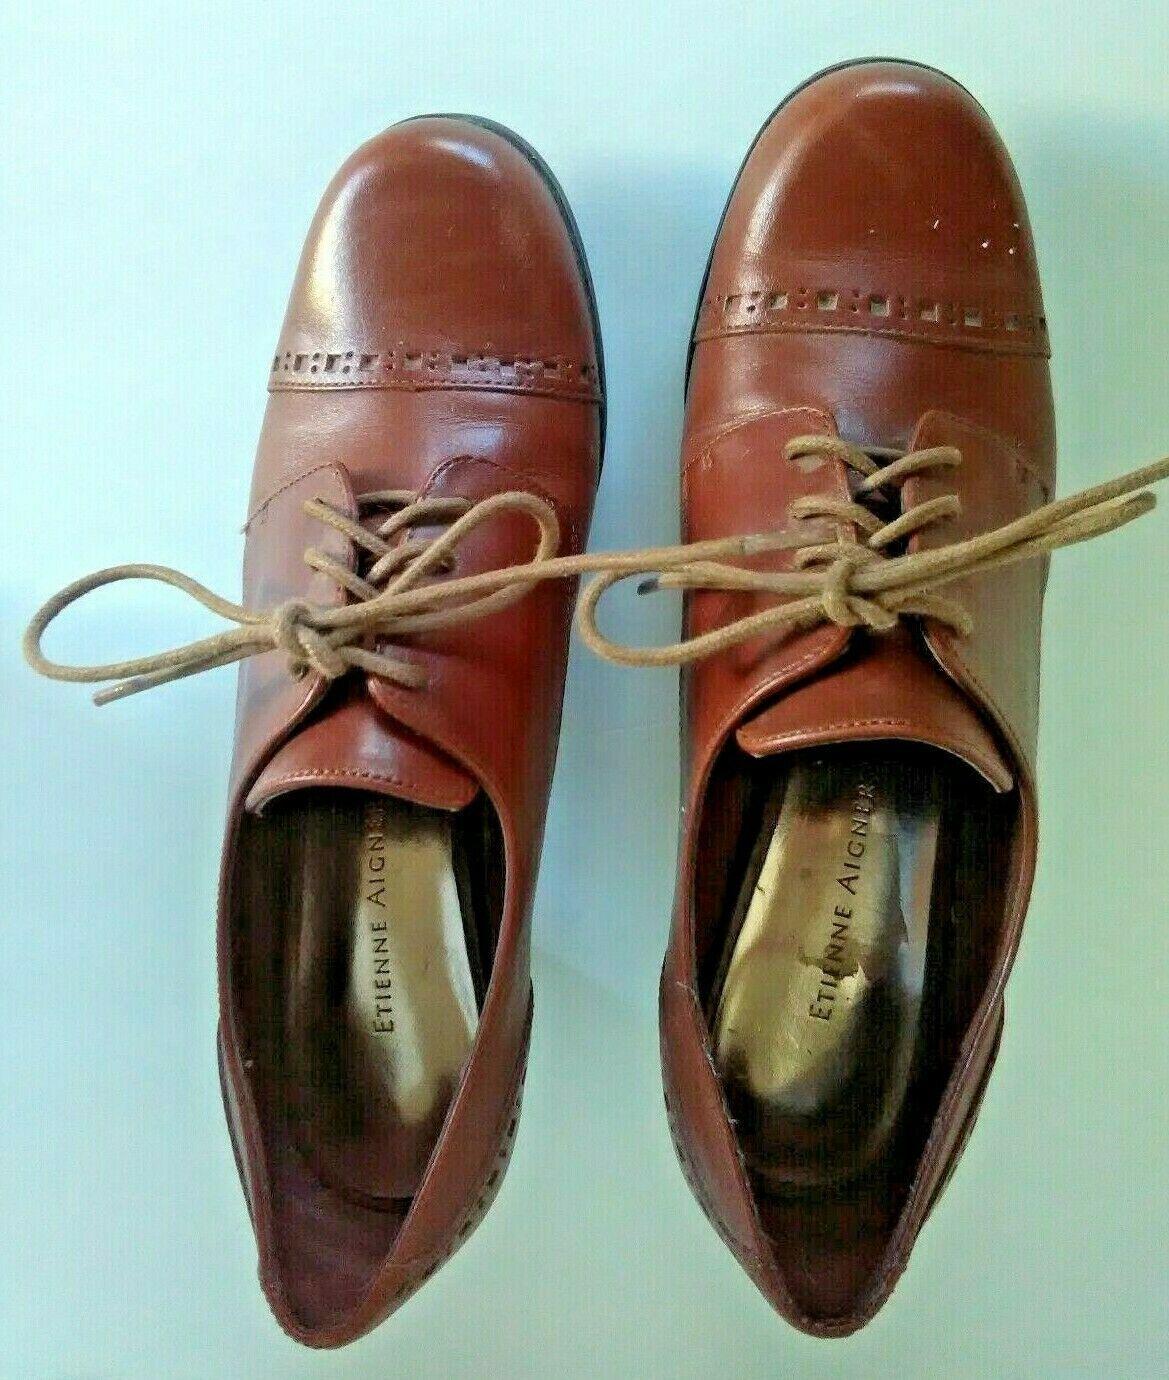 5d645fad4c09d Etienne Aigner Women's Lace Up Oxfords Shoes and 50 similar items